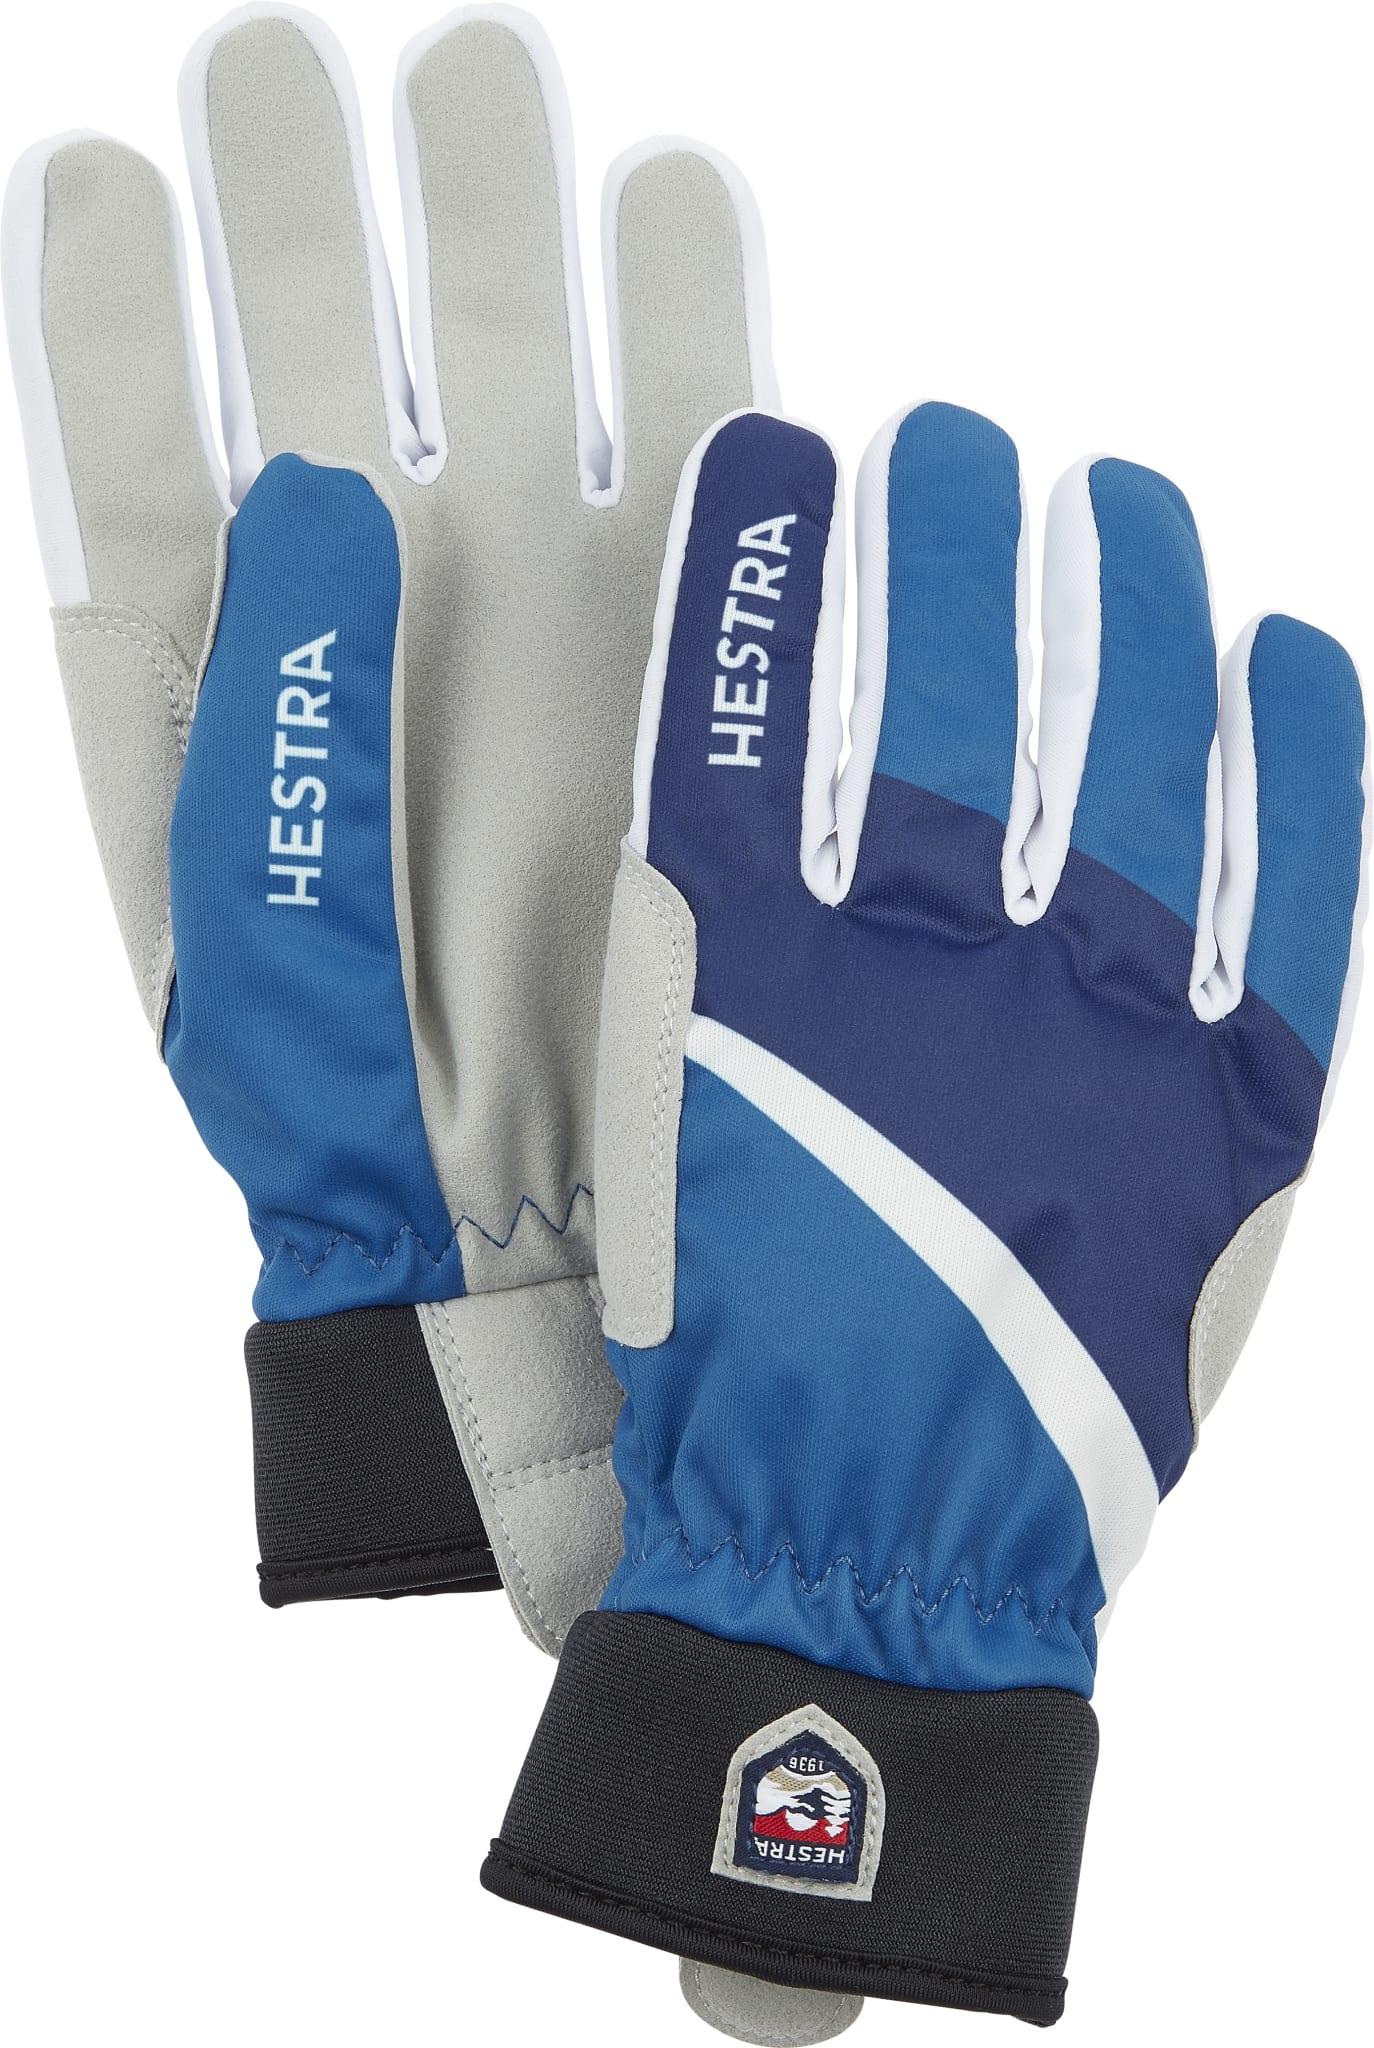 Tracker Gloves Jr